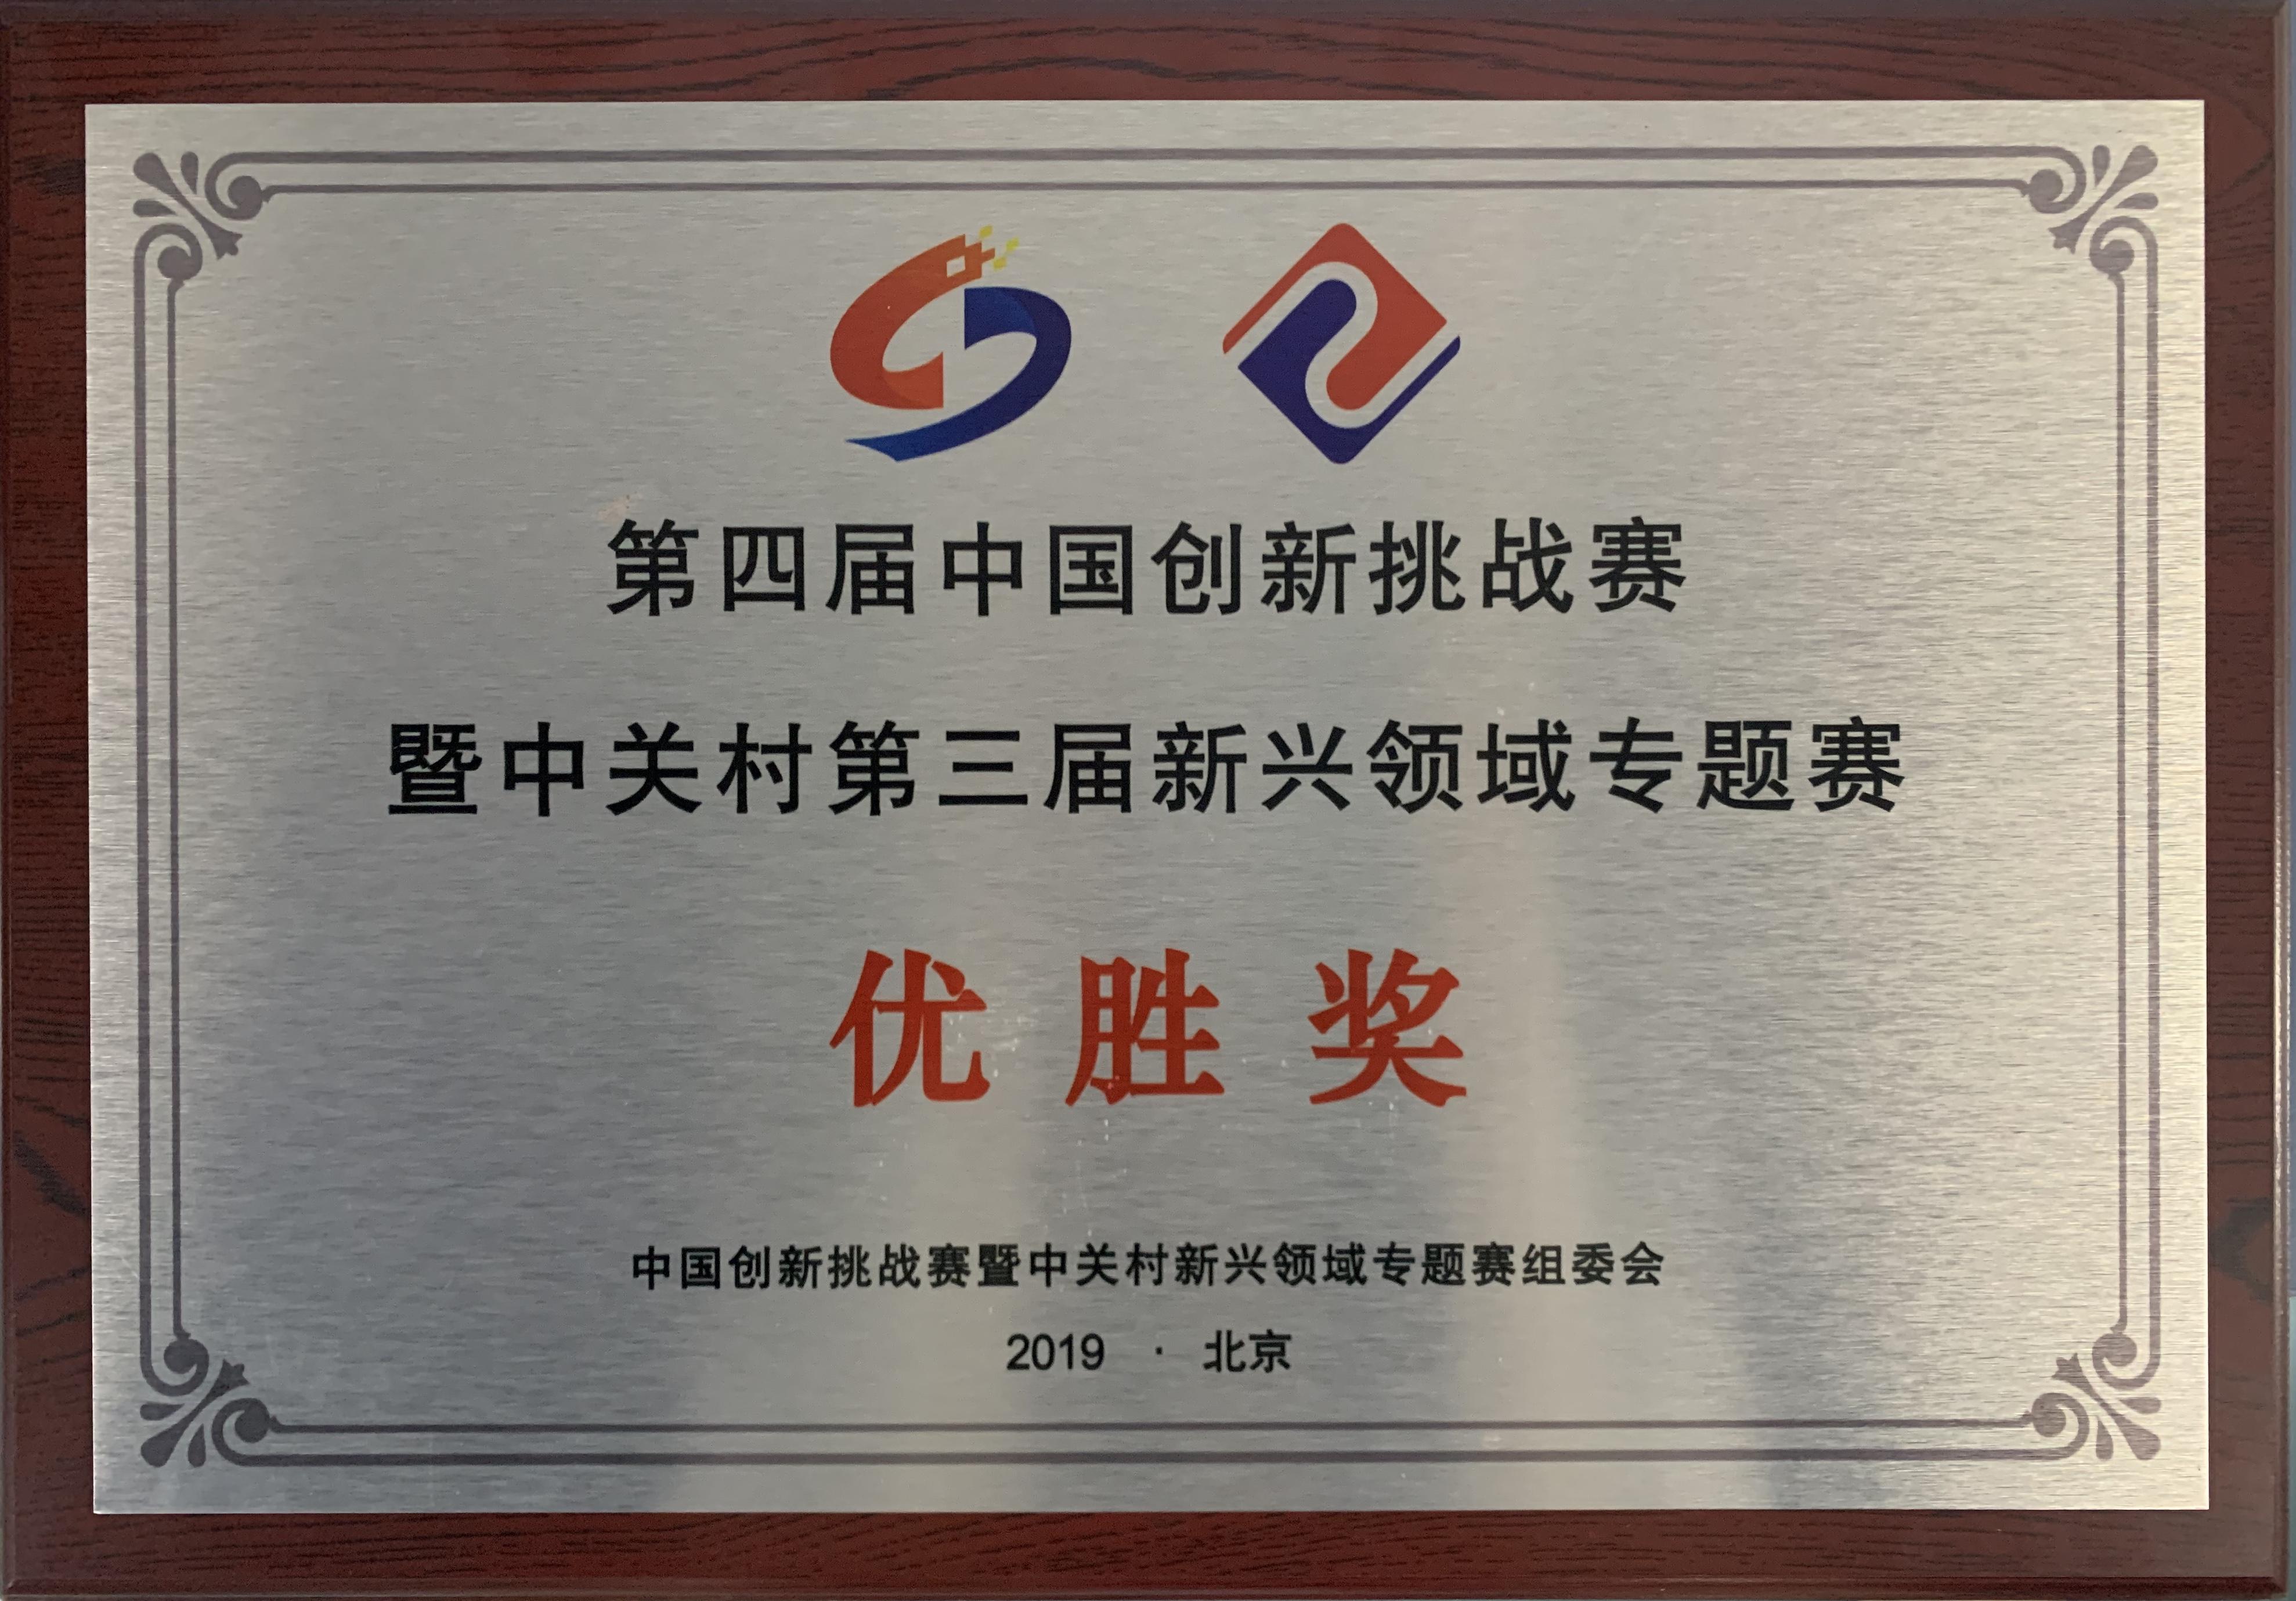 第四届中国创新挑战赛暨中关村第三届新兴领域专题赛优胜奖